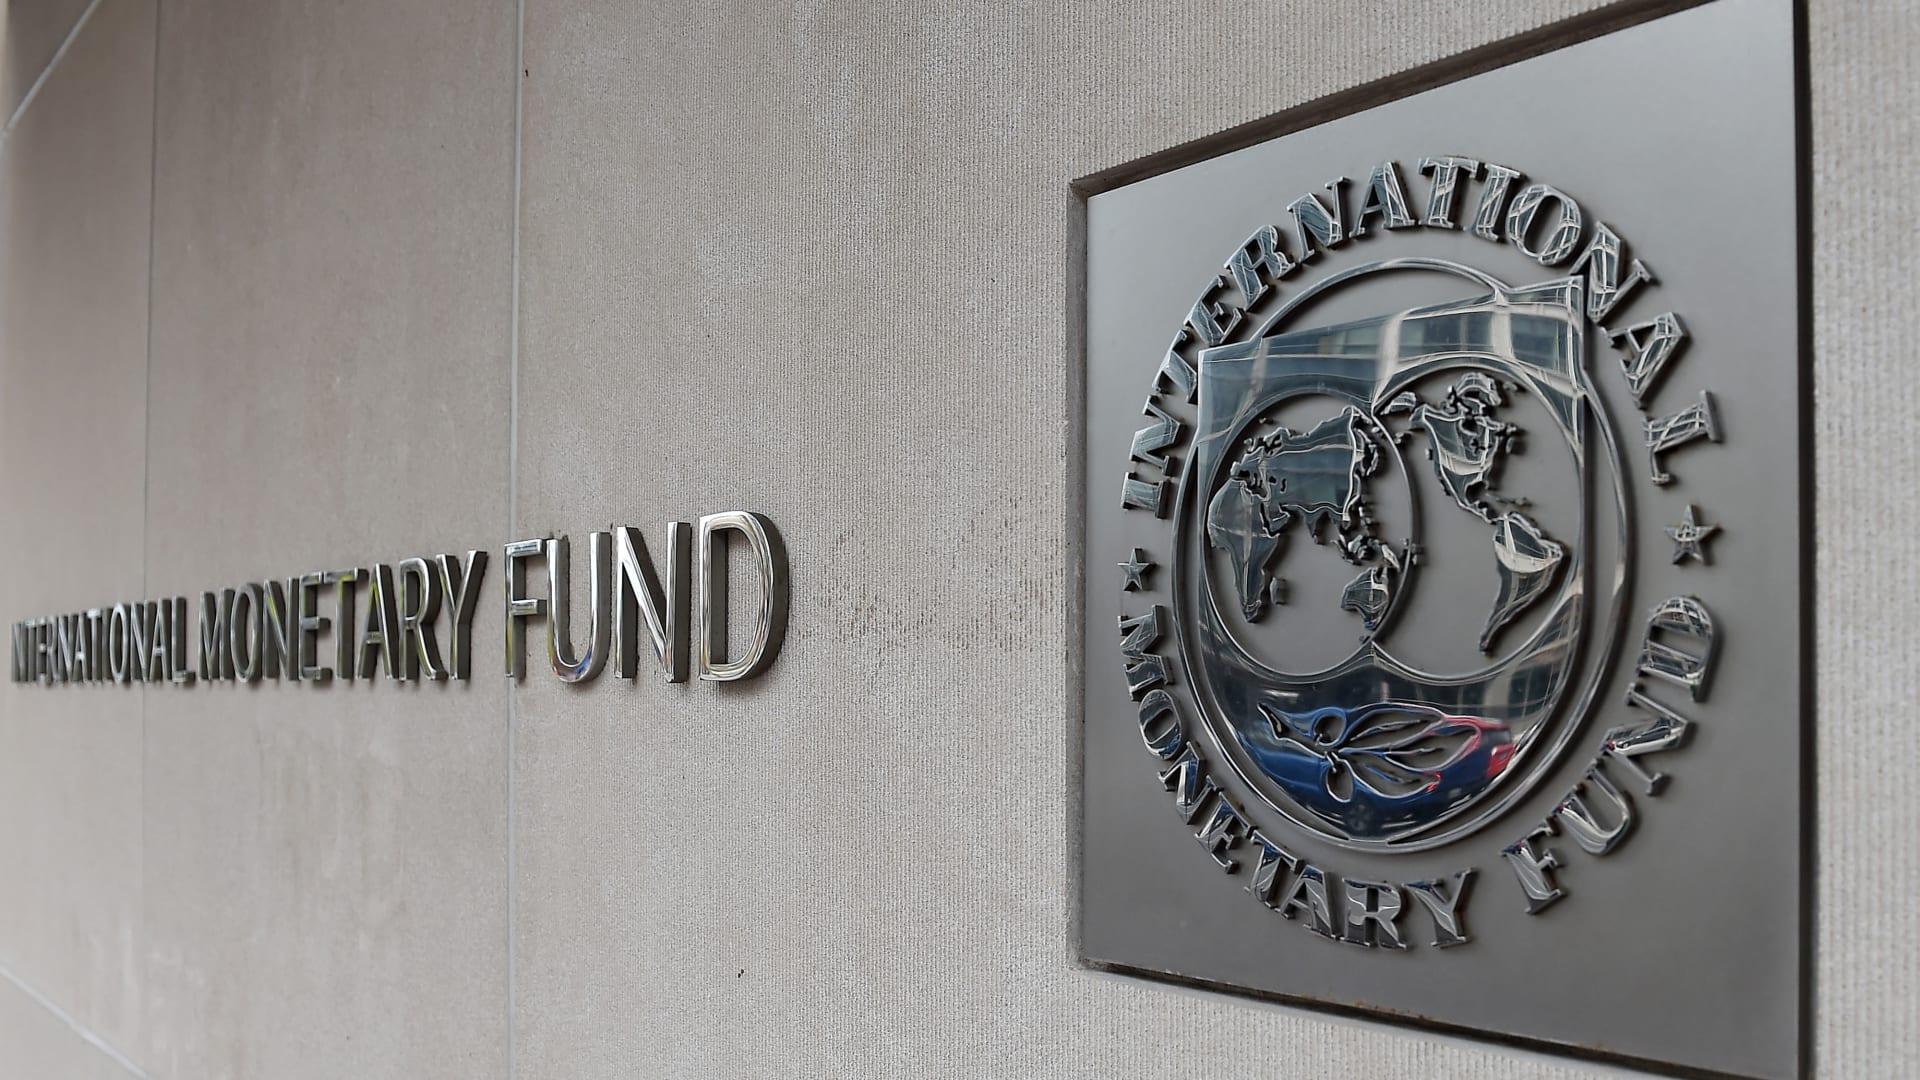 صورة أرشيفية من جانب مقر صندوق النفقد الدولي  في واشنطن